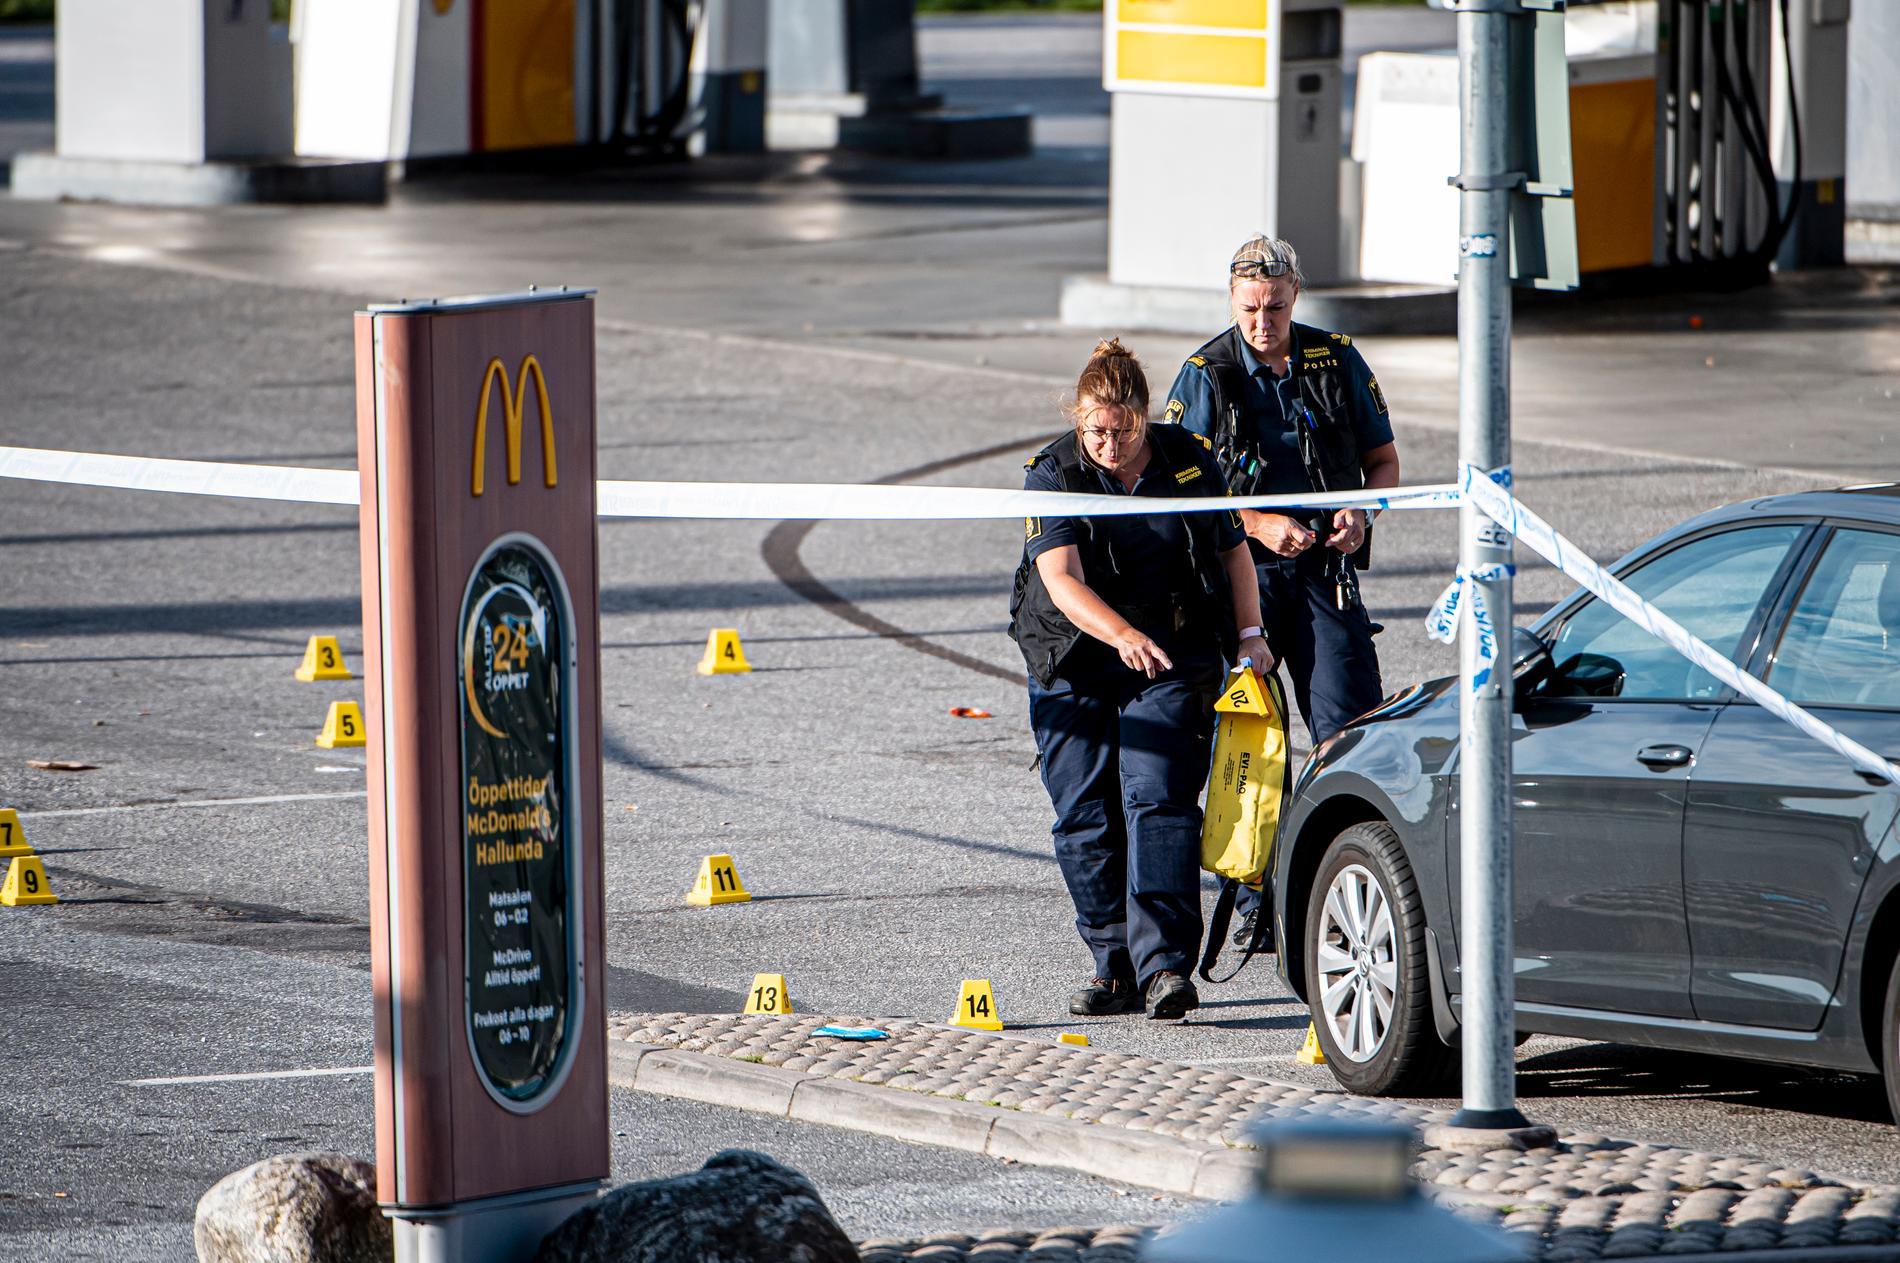 Polis säkrar spår på platsen där en flicka blivit skjuten.